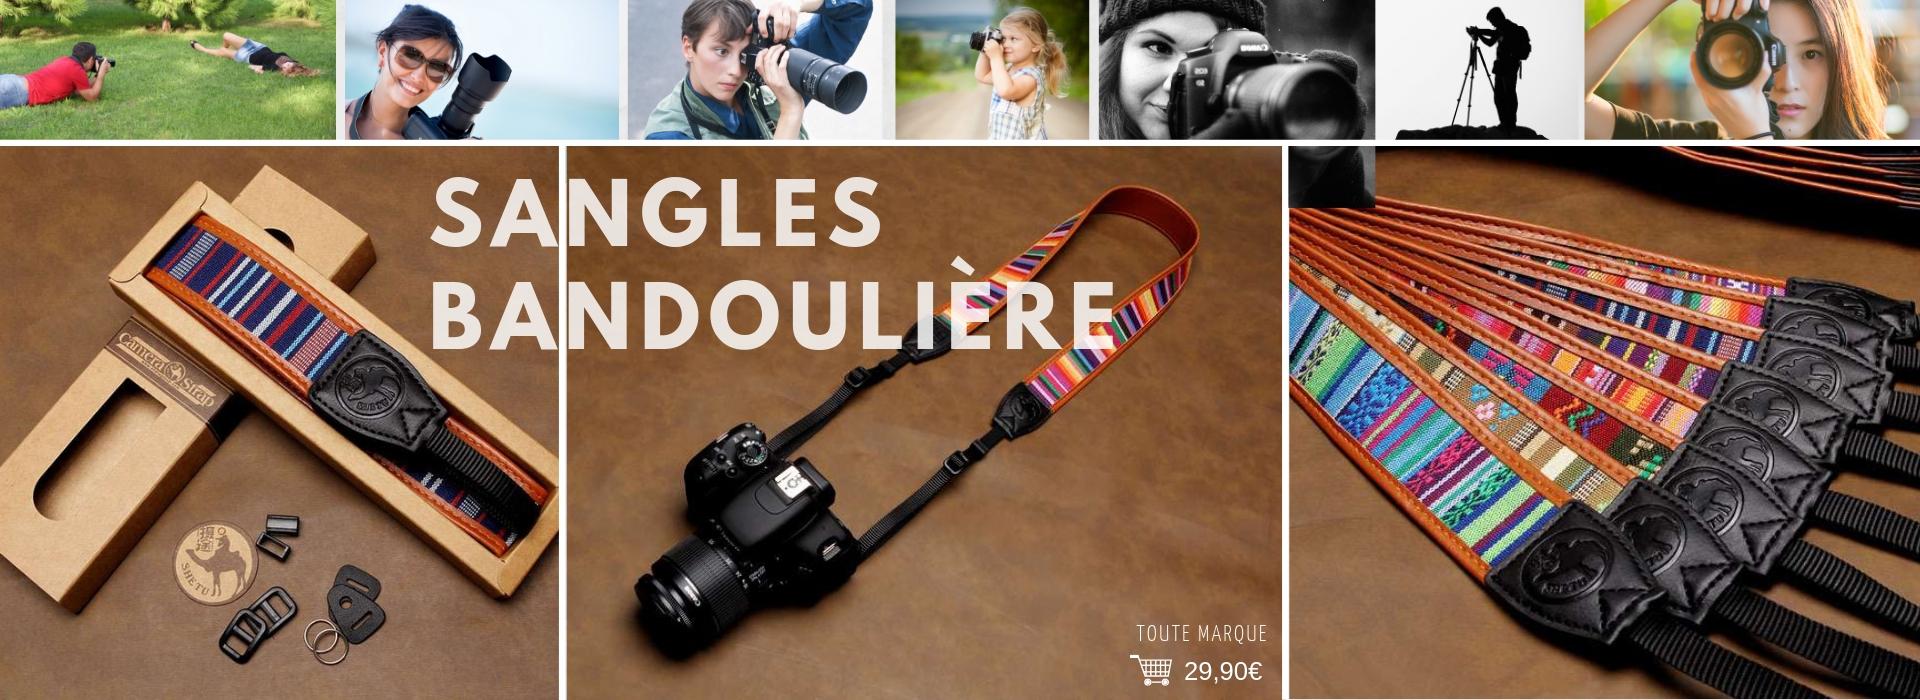 Sangle Bandoulière Design pour appareil photo toute marque